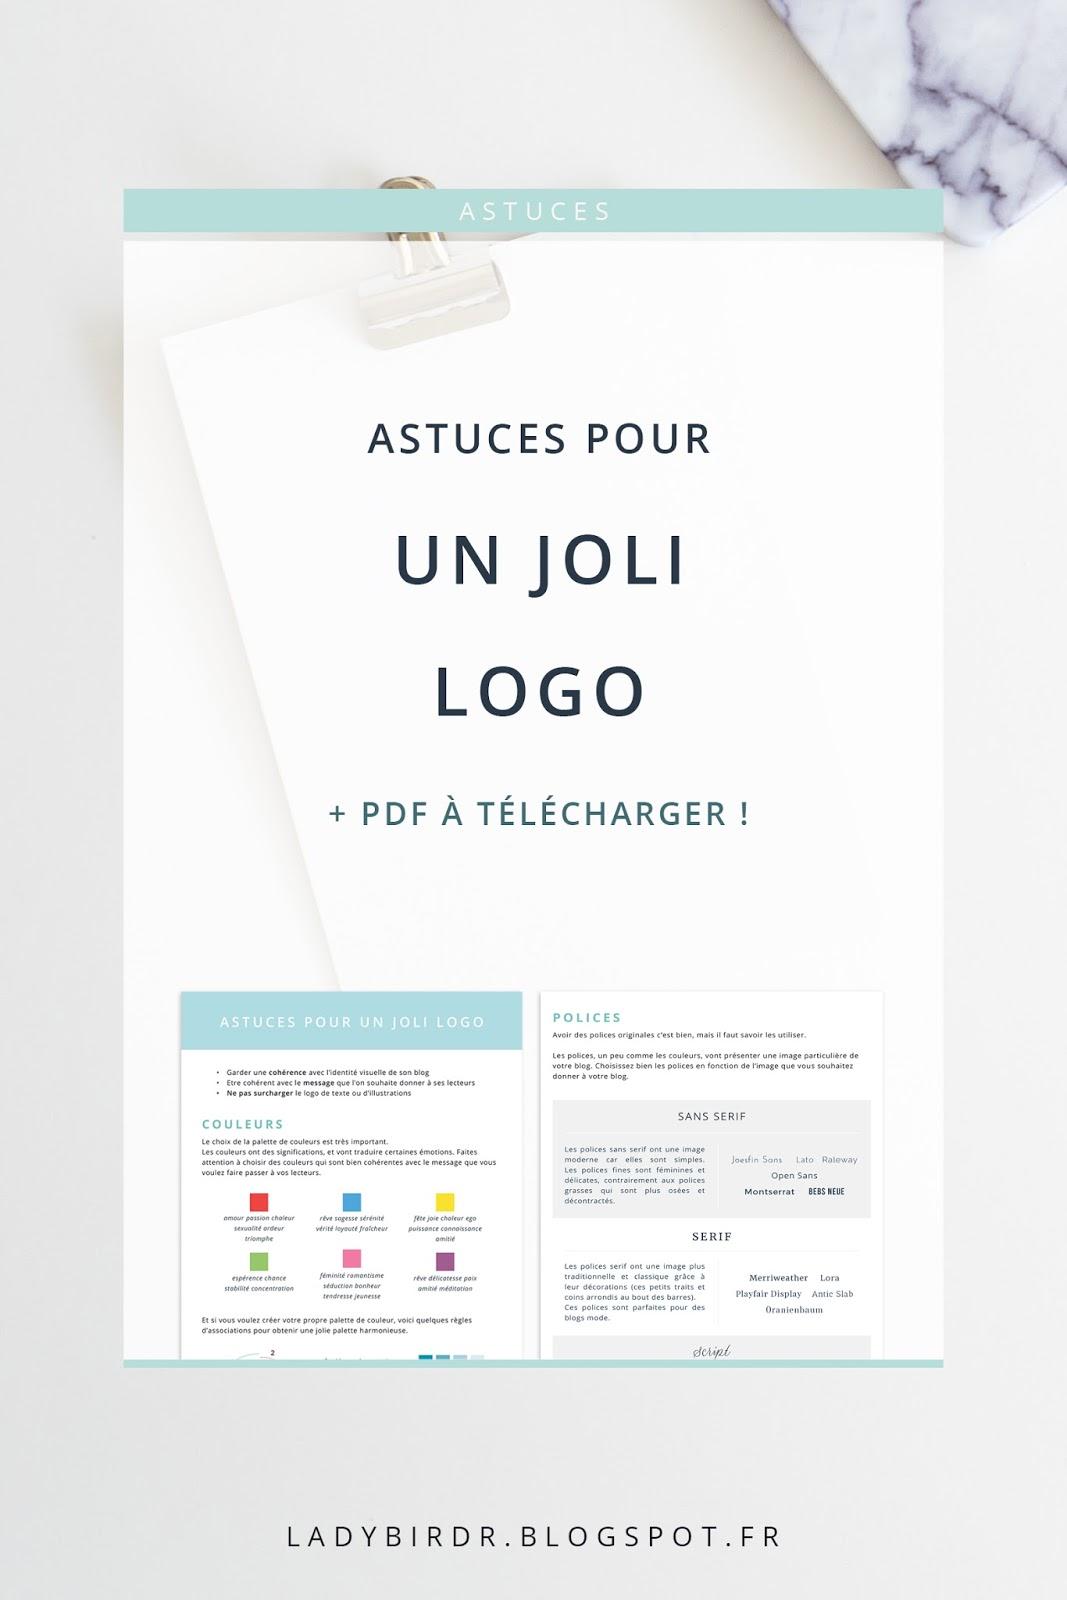 Astuces pour un joli logo + PDF à télécharger